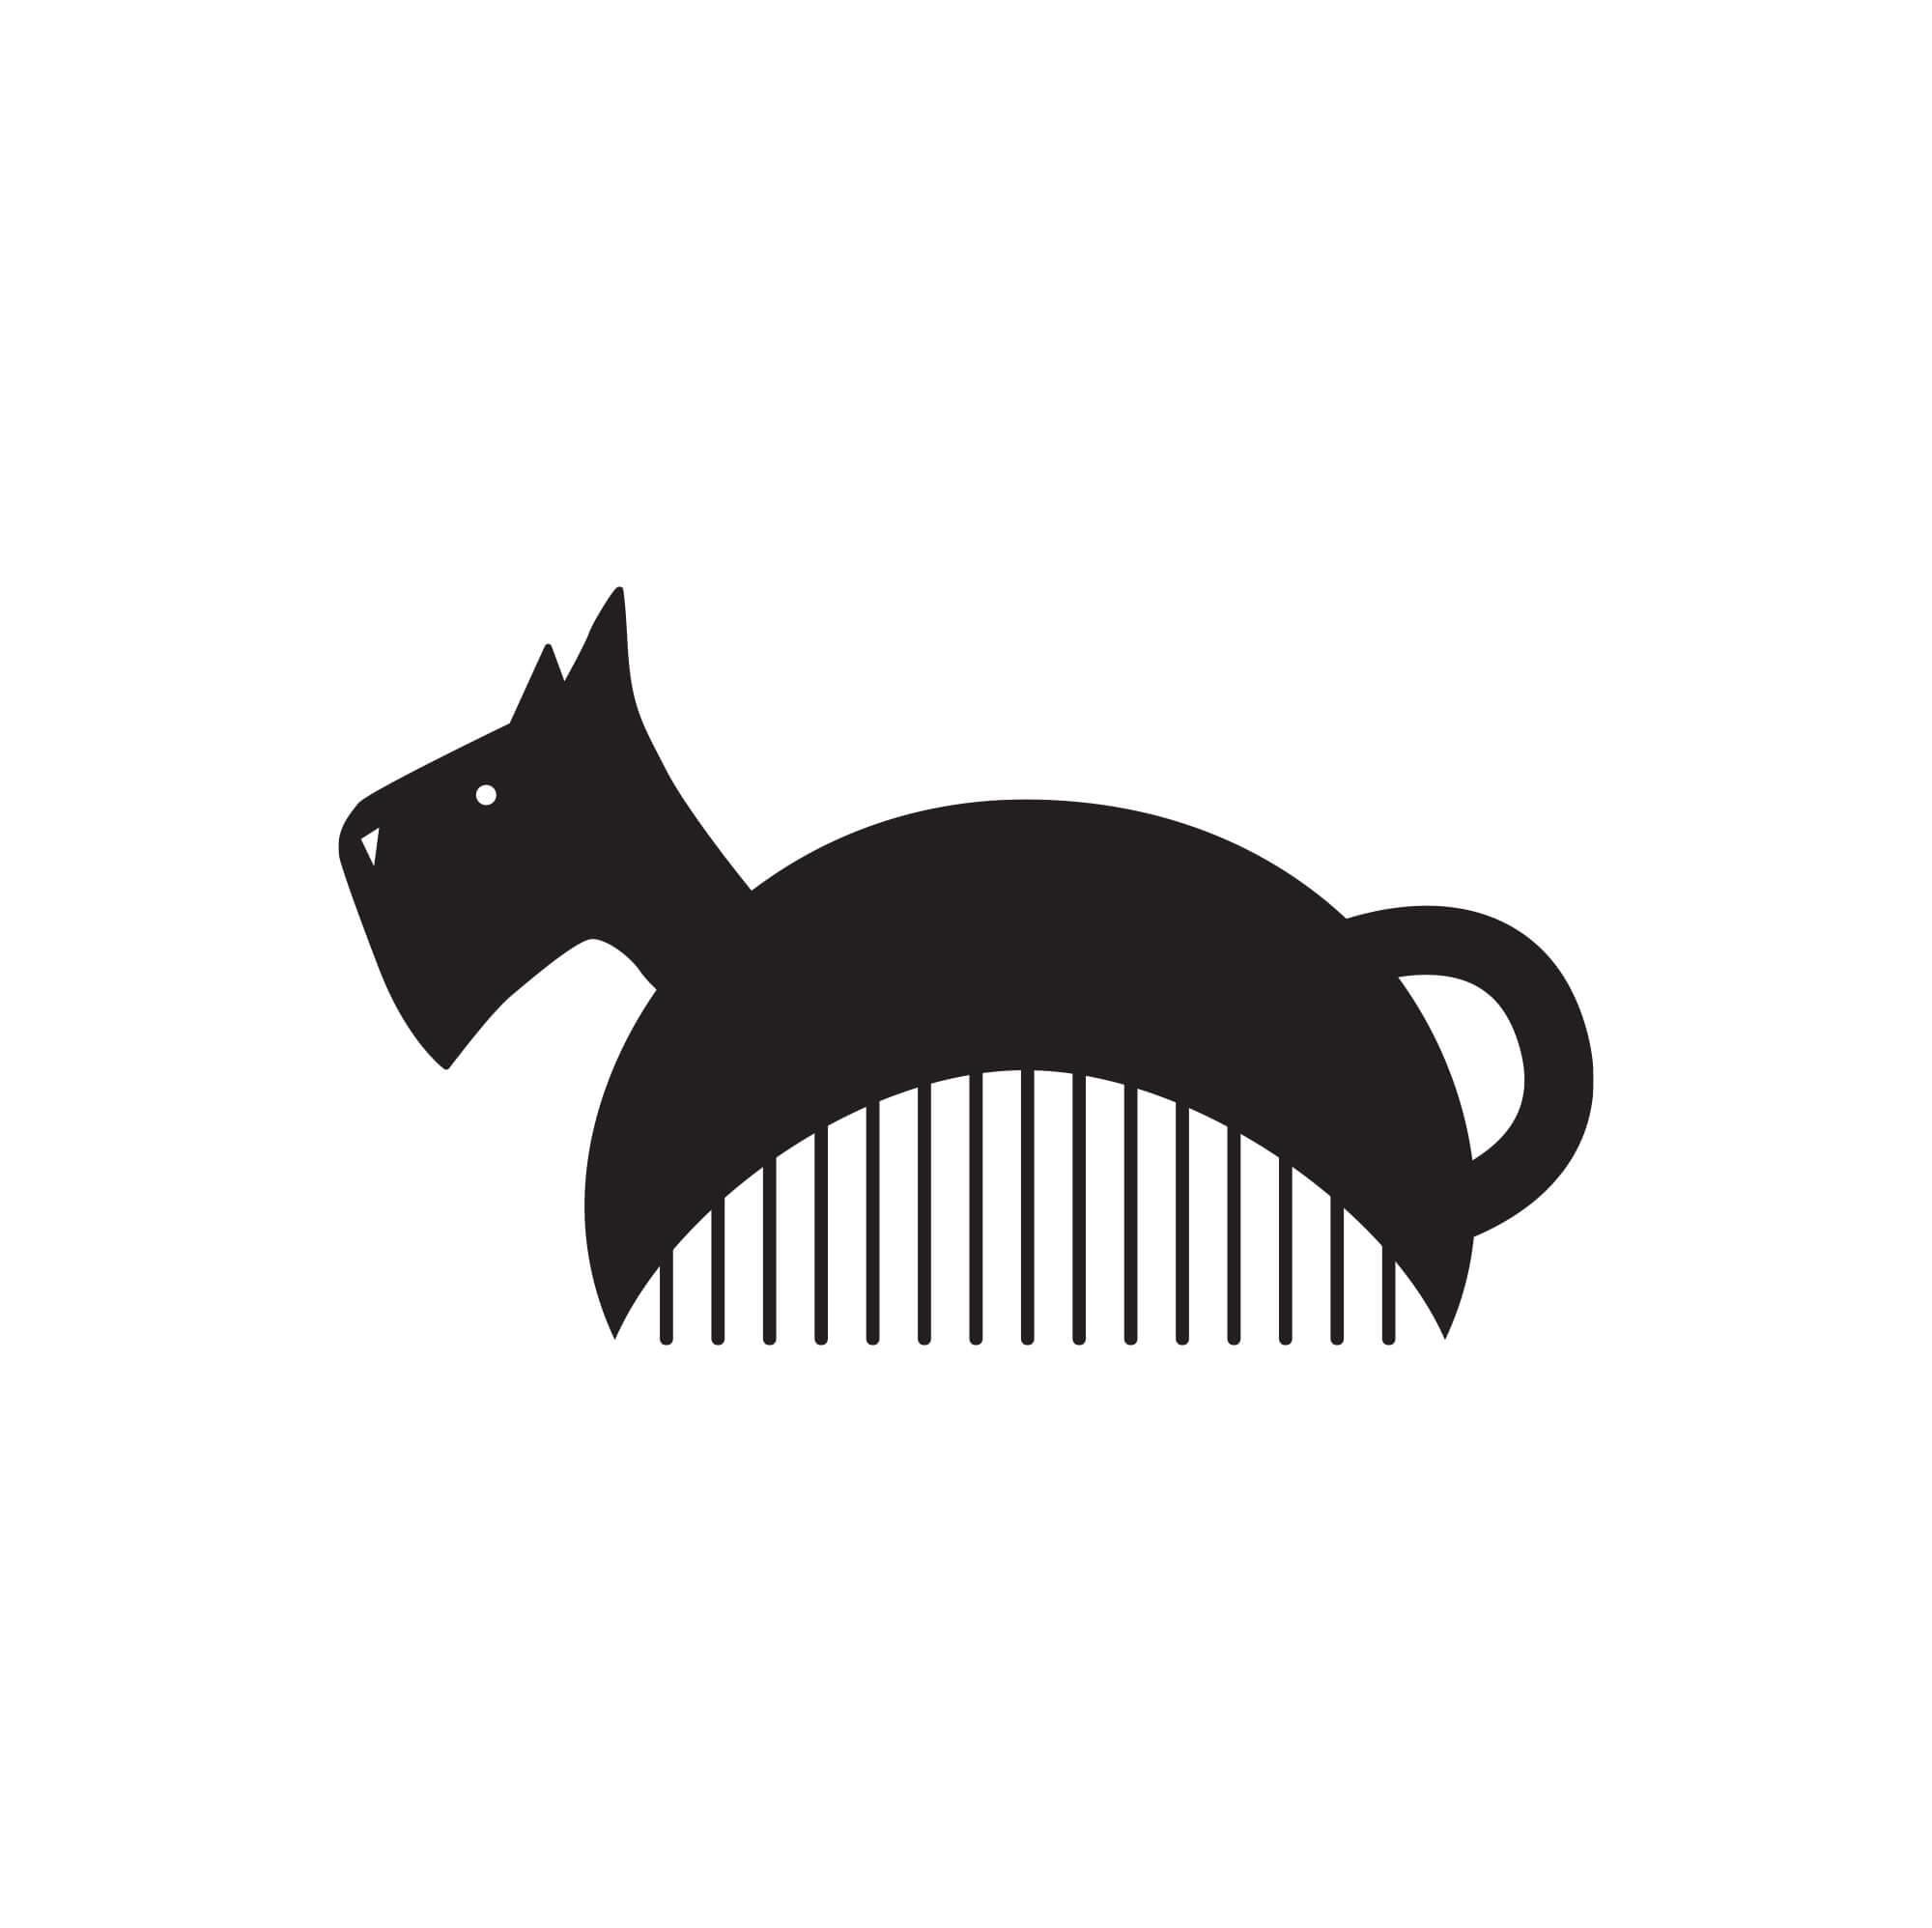 logos_0007_perks n pooch